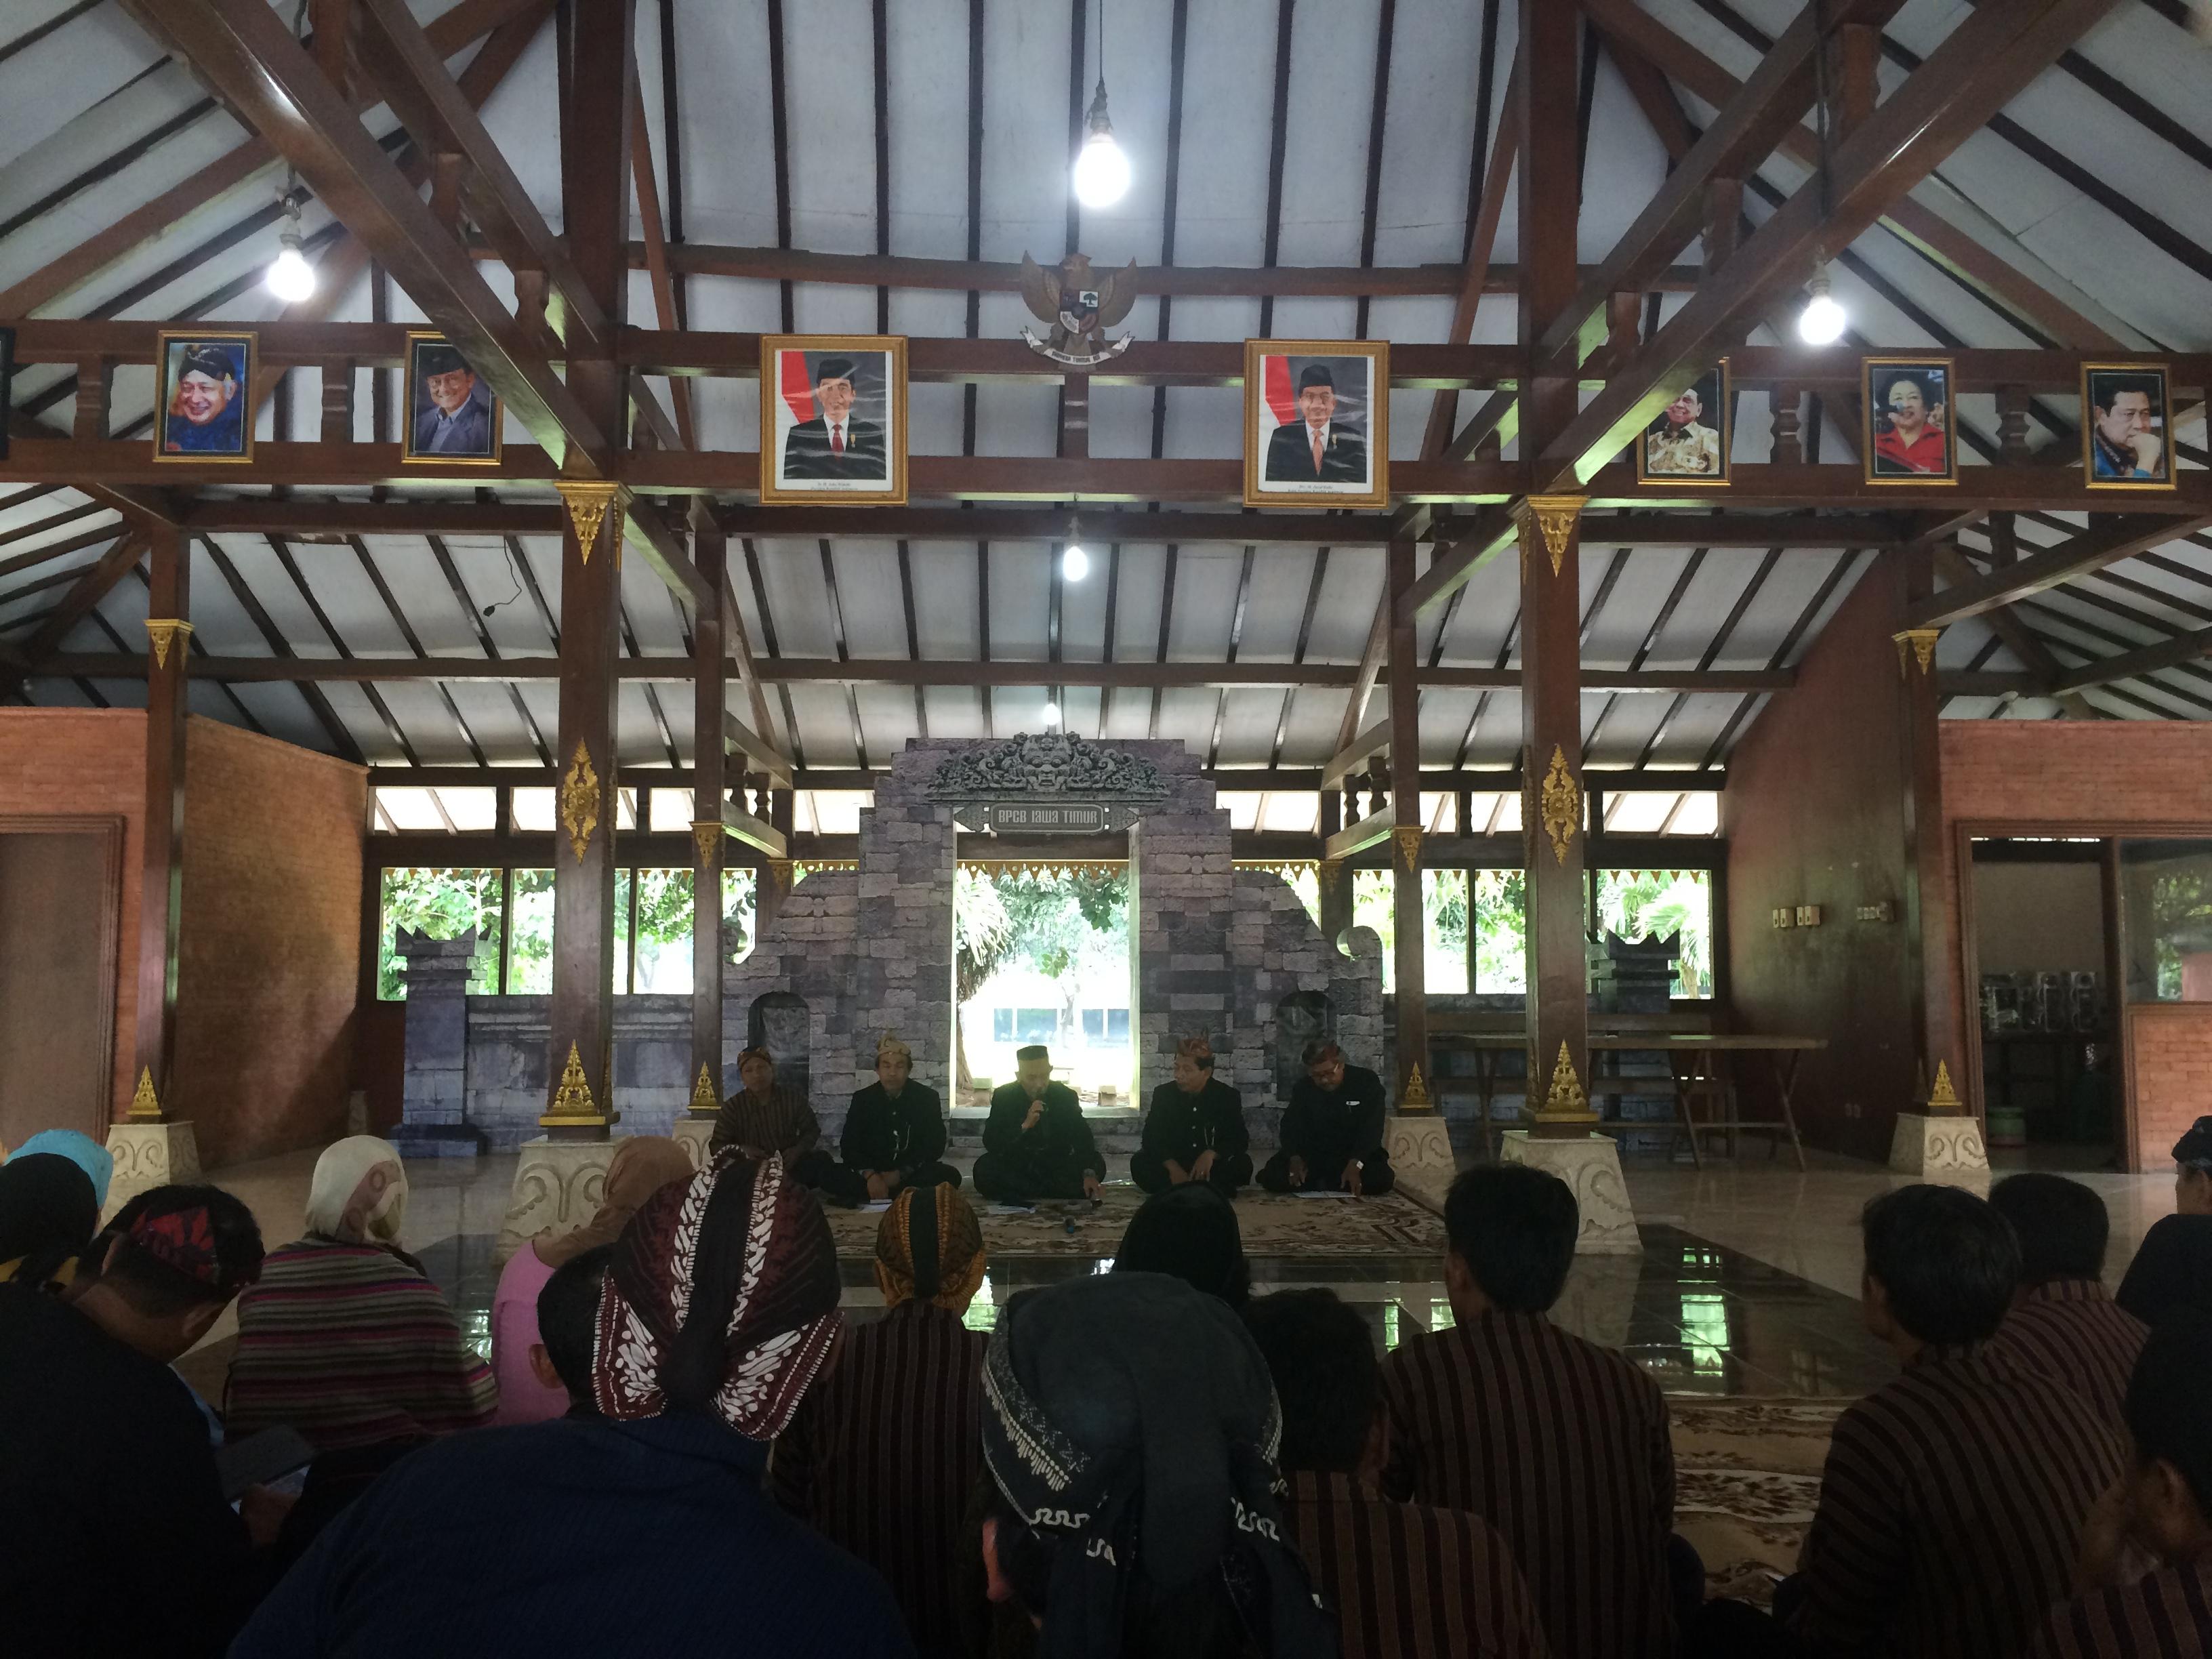 Pembinaan Juru Pelihara Bpcb Jawa Timur Balai Pelestarian Cagar Mojokerto